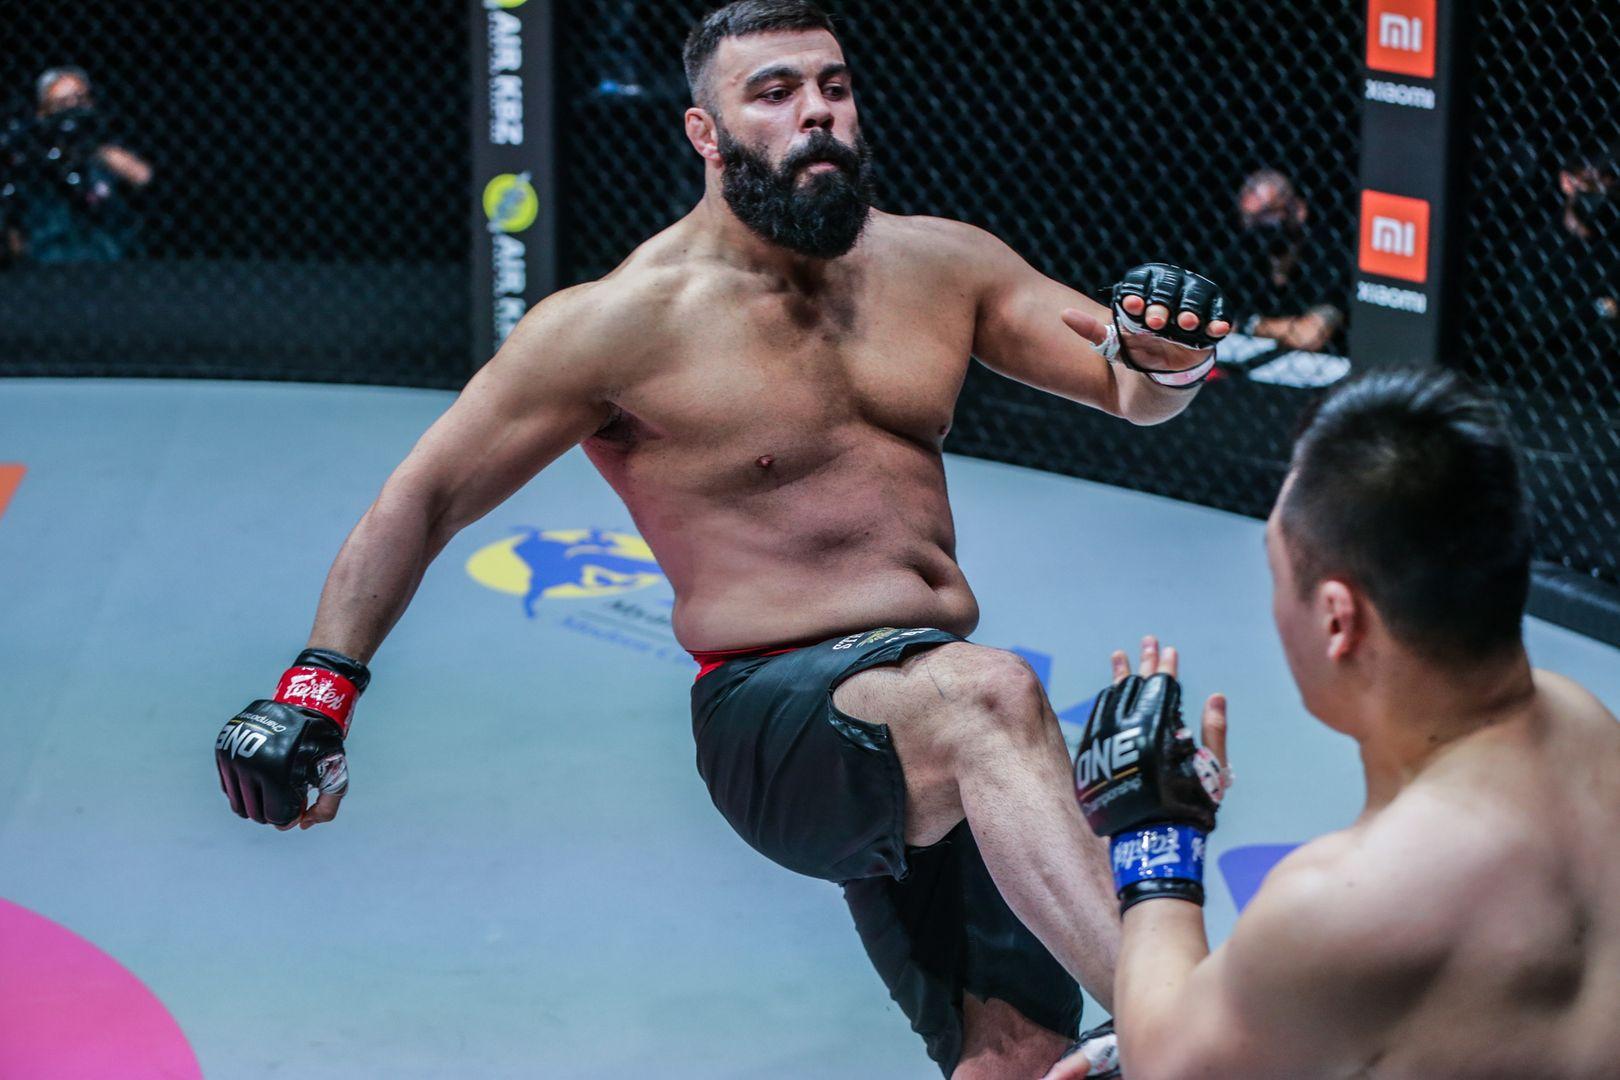 Amir Aliakbari throws a kick at Anatoly Malykhin at ONE: FISTS OF FURY II